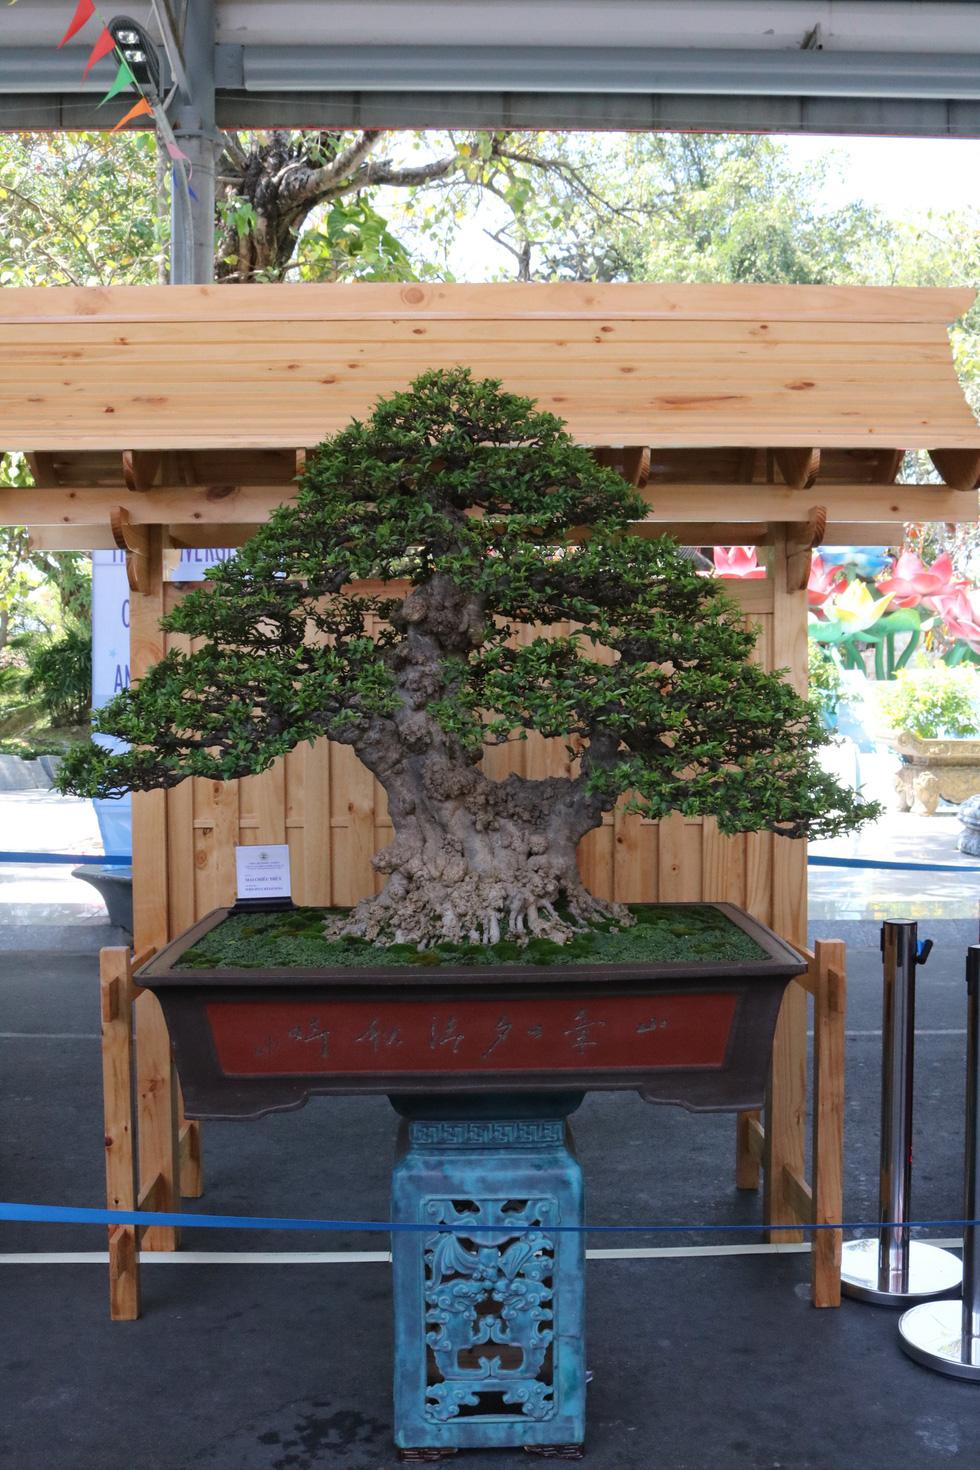 Chiêm ngưỡng những tác phẩm bonsai, suiseki tiền tỉ - Ảnh 9.